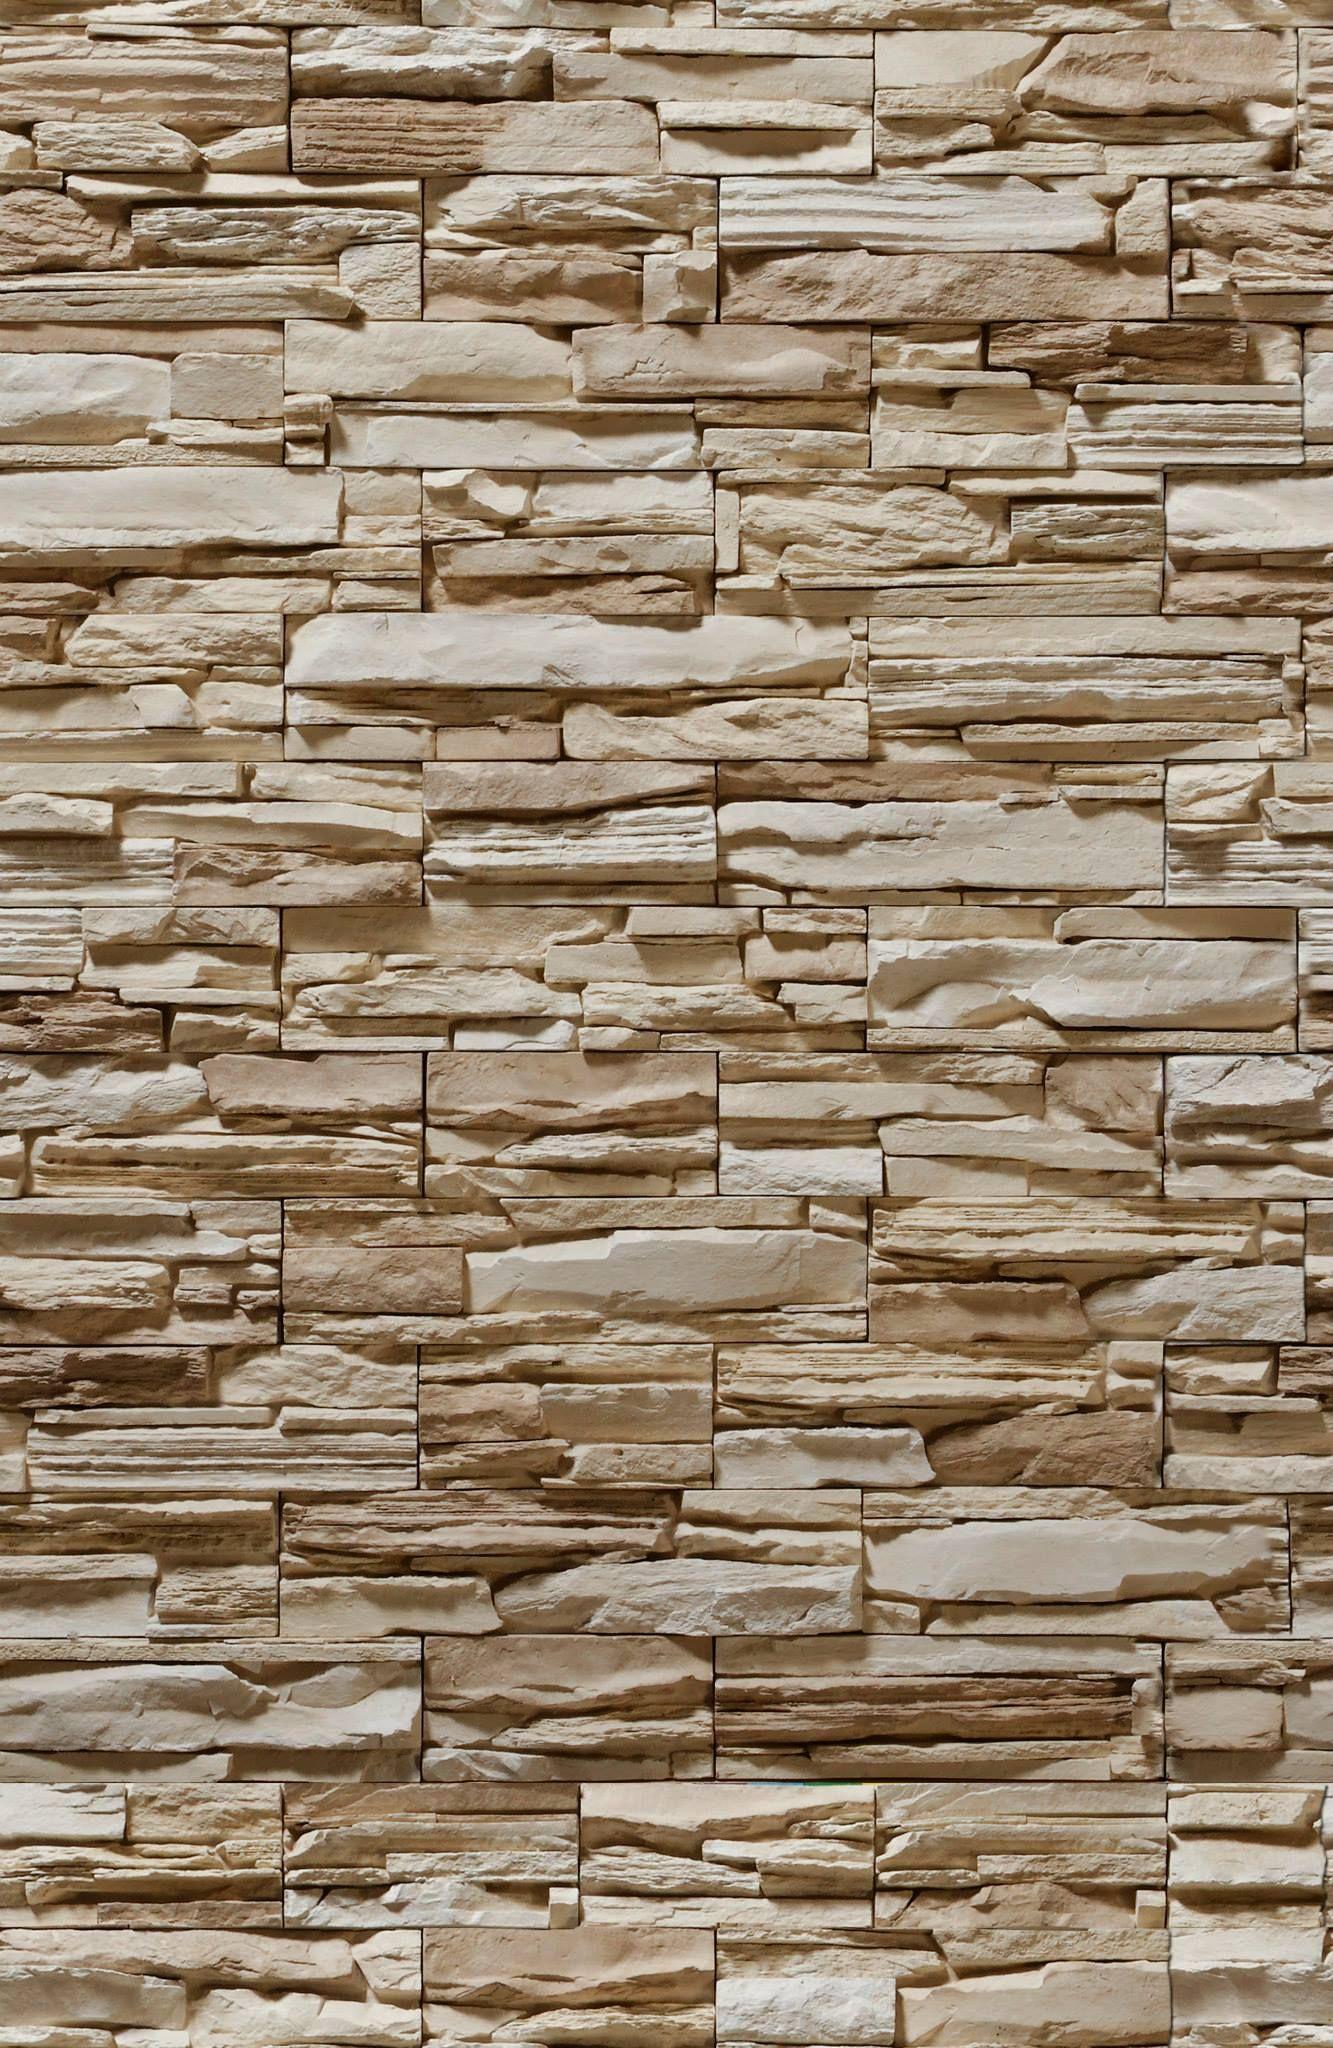 Parede de pedra texturas en 2019 pinterest ladrillo decorativo textura y revestimiento - Revestimiento imitacion ladrillo ...